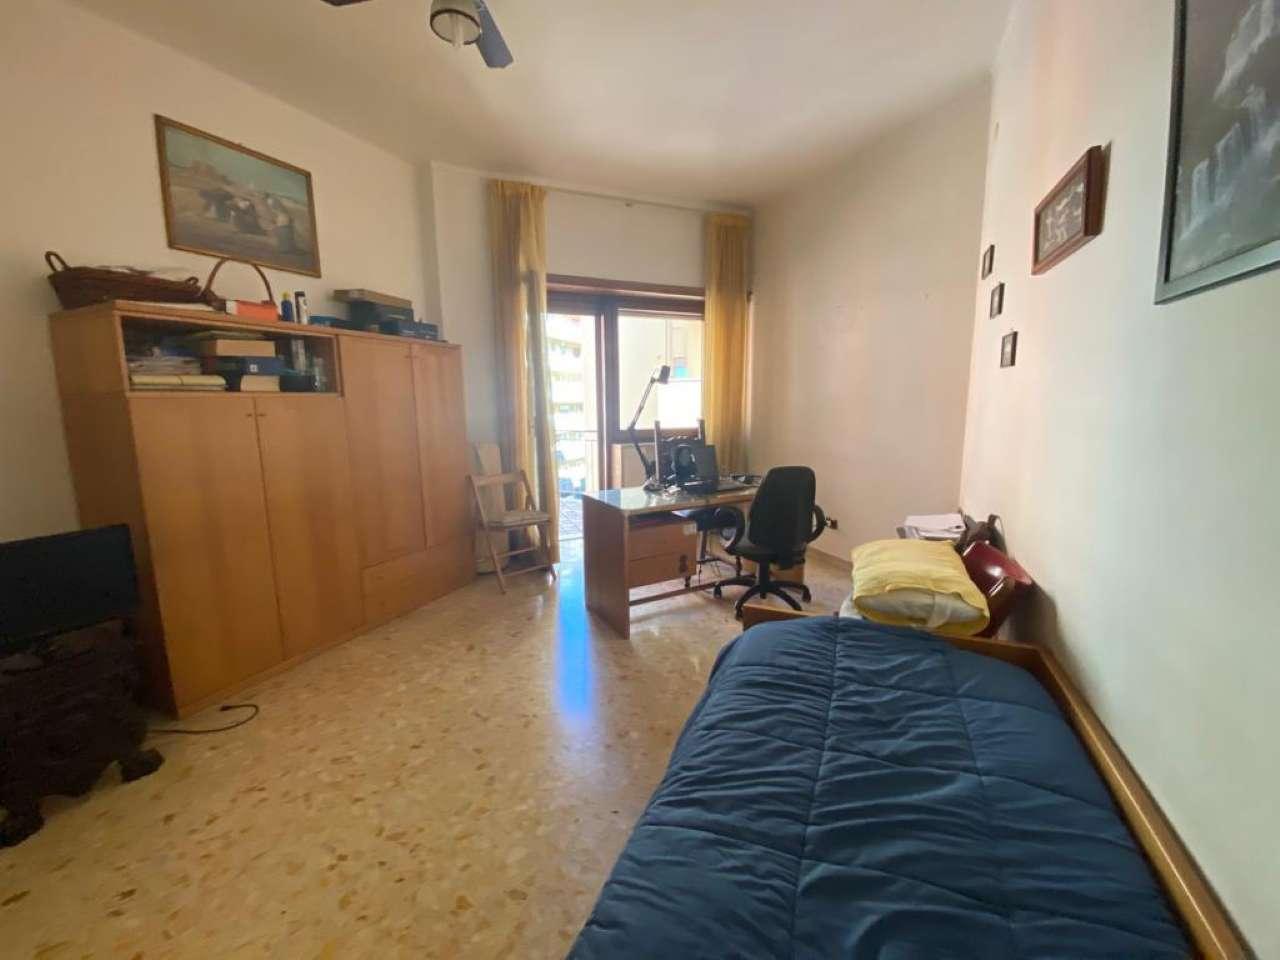 Appartamento, Via Francesco Cilea, Zona Vomero, Napoli, foto 12